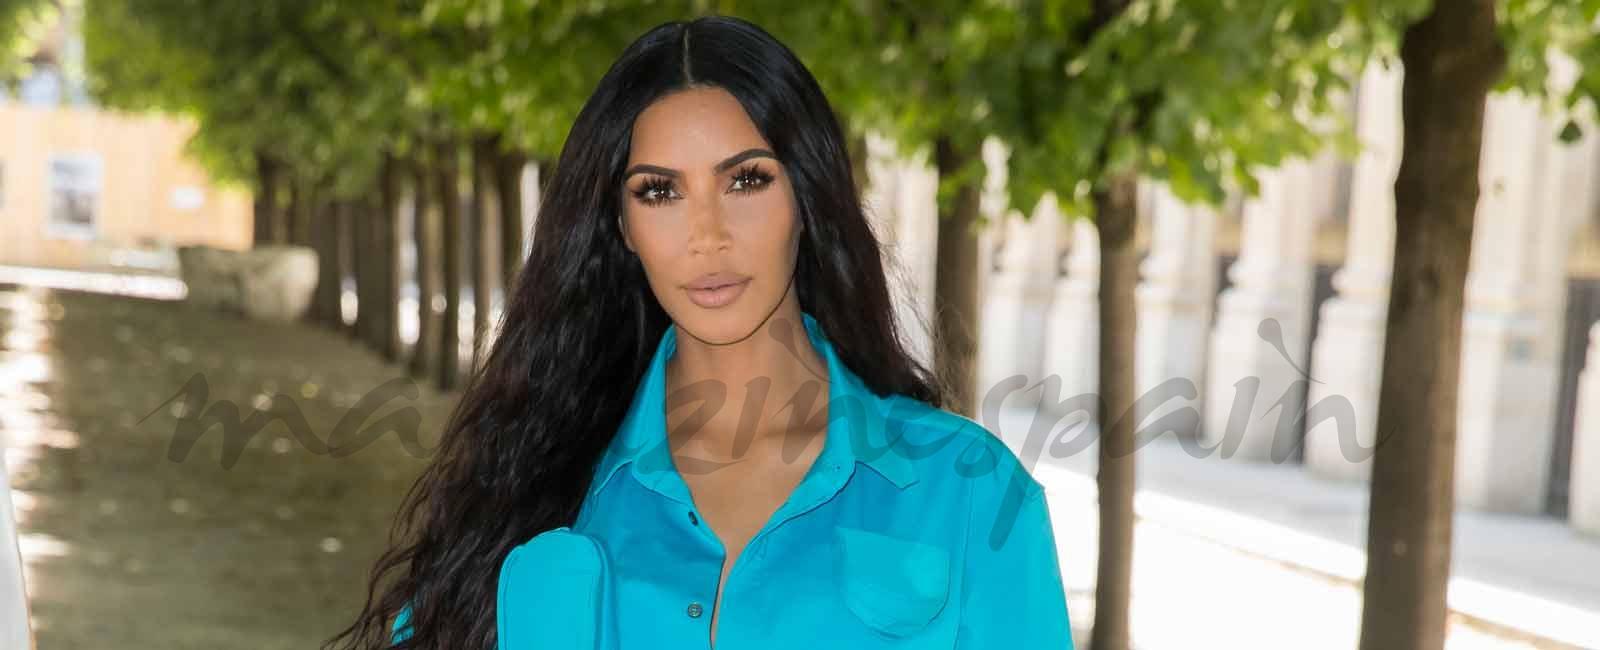 Kim Kardashian regresa a París, tras el atraco que sufrió en 2016